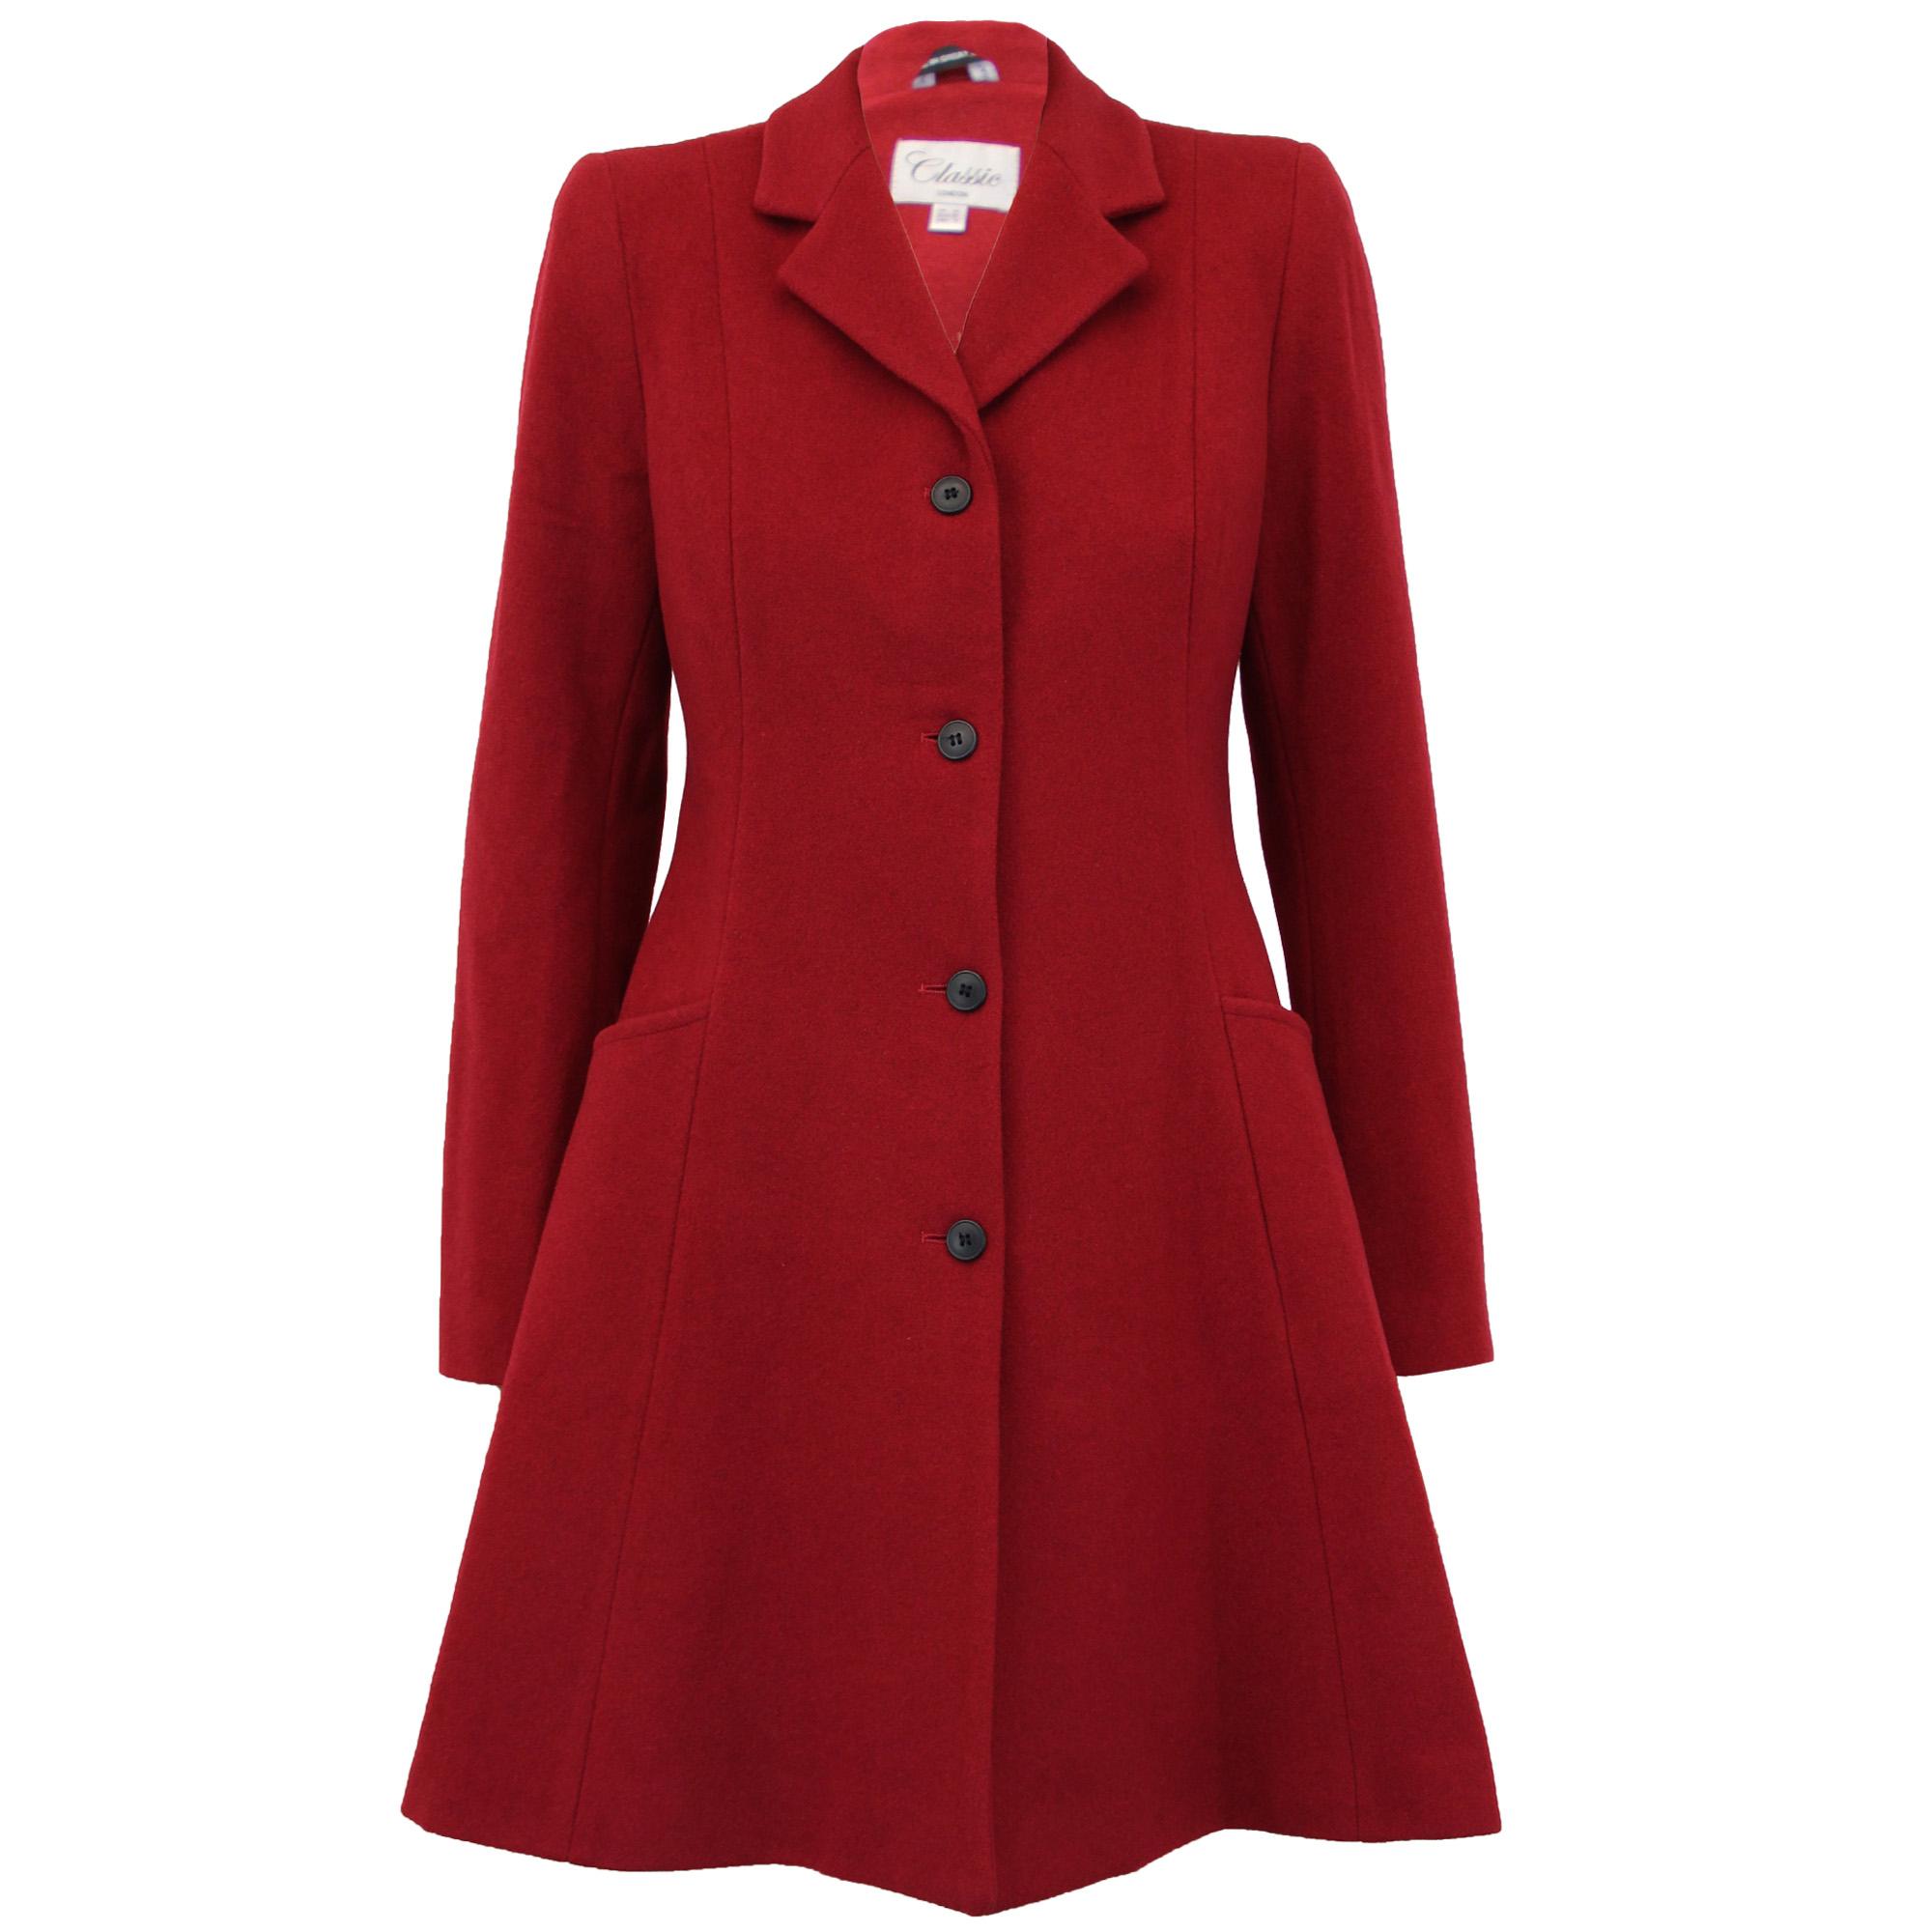 Warmest winter jackets for women